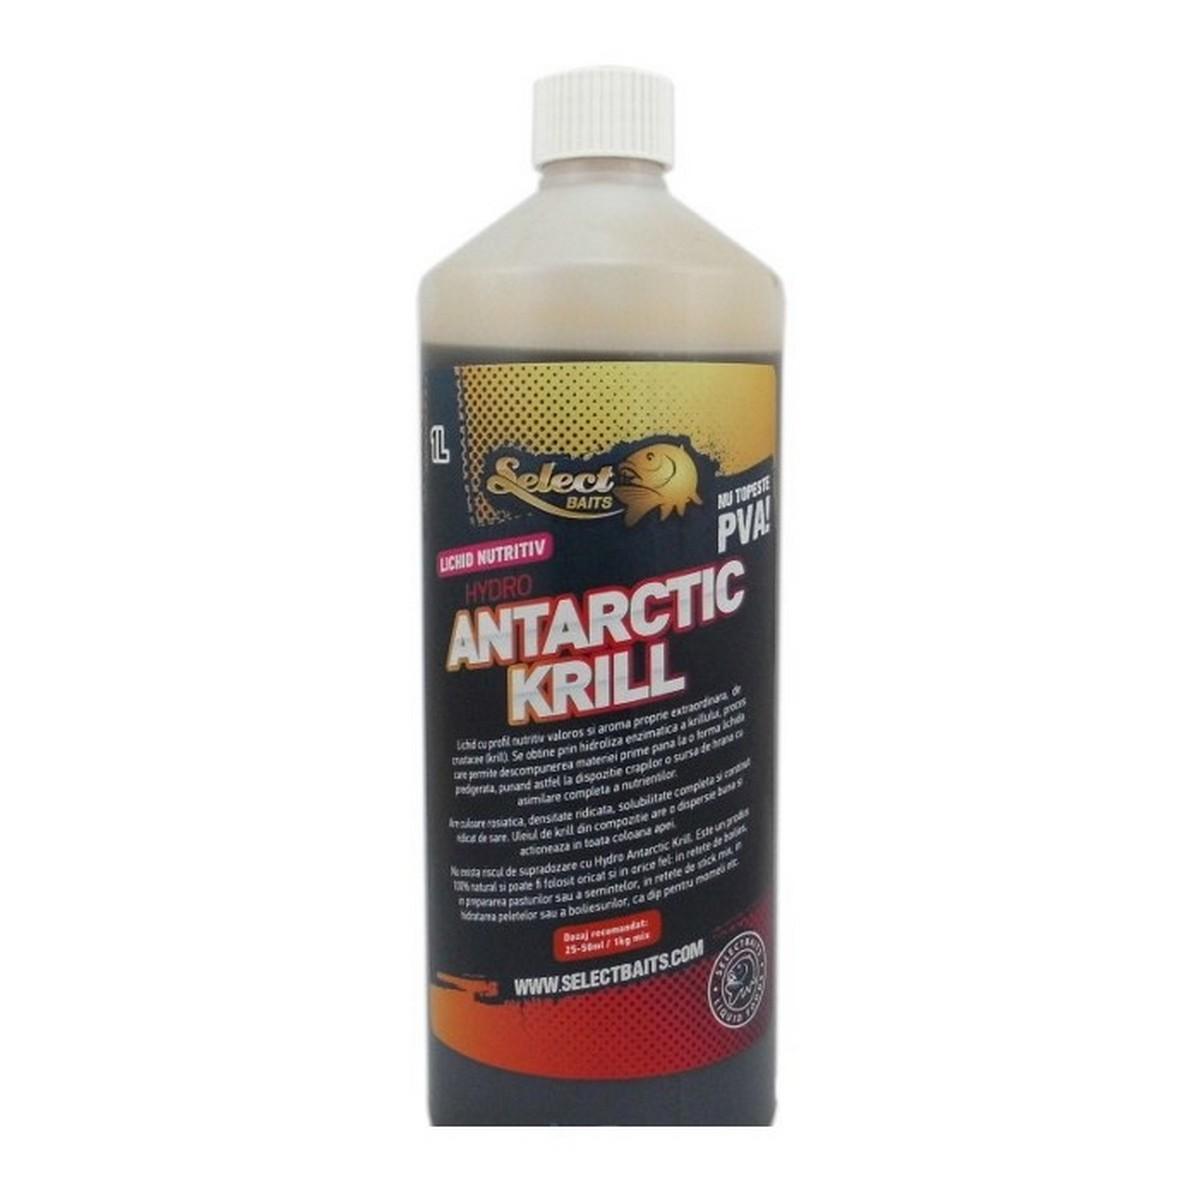 Хранителна течност Hydro Antarctic Krill 1L Select Baits